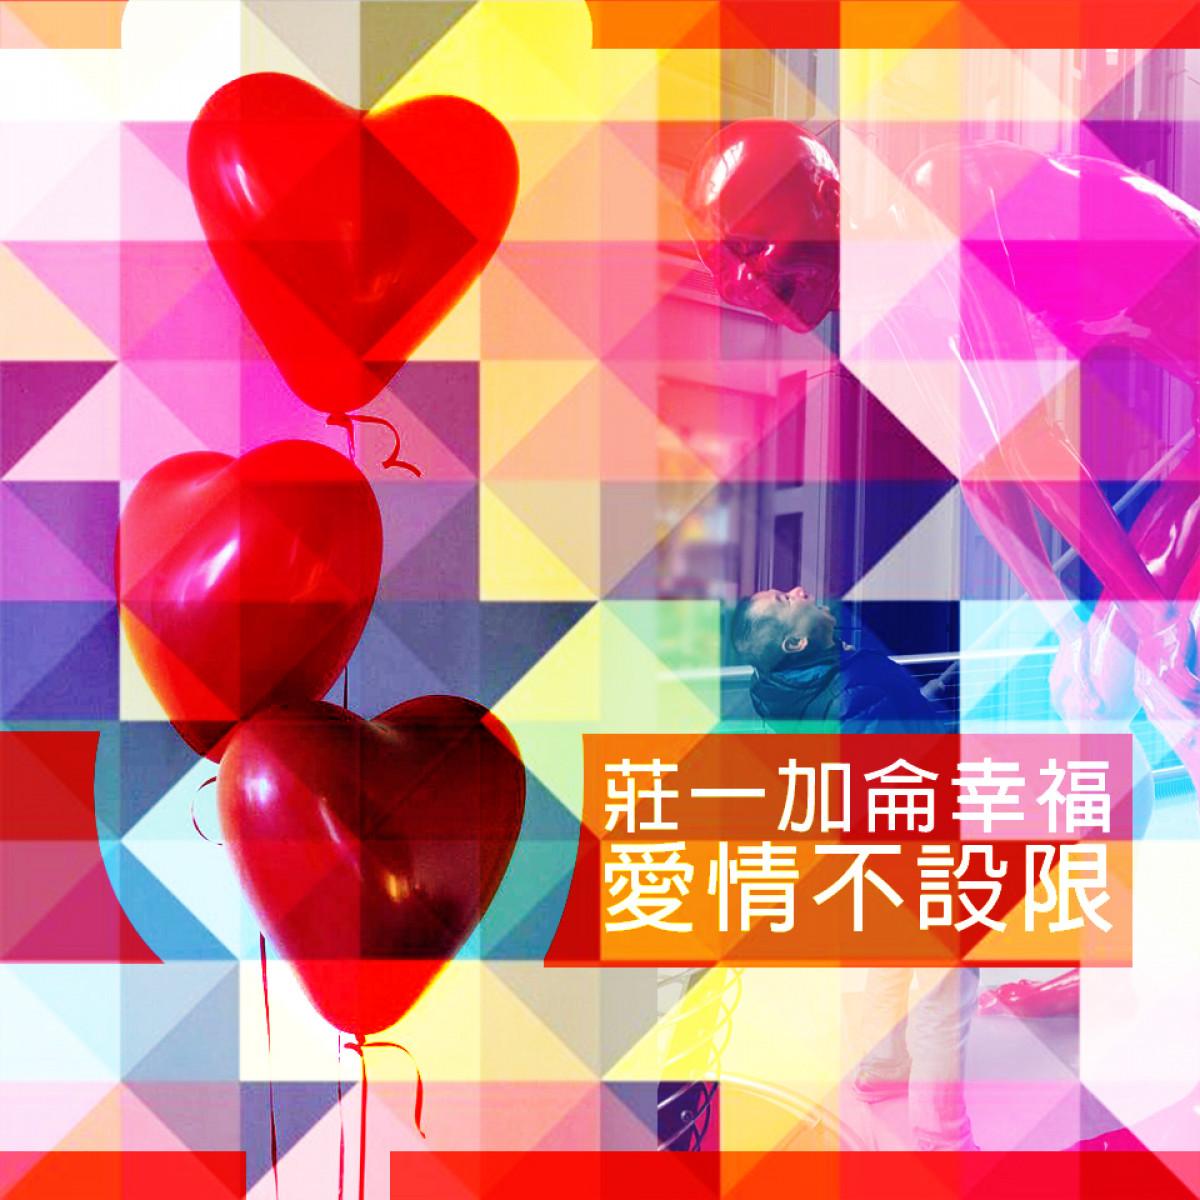 愛情不設限|EP01呂欣潔專訪-同志愛情故事(上集)